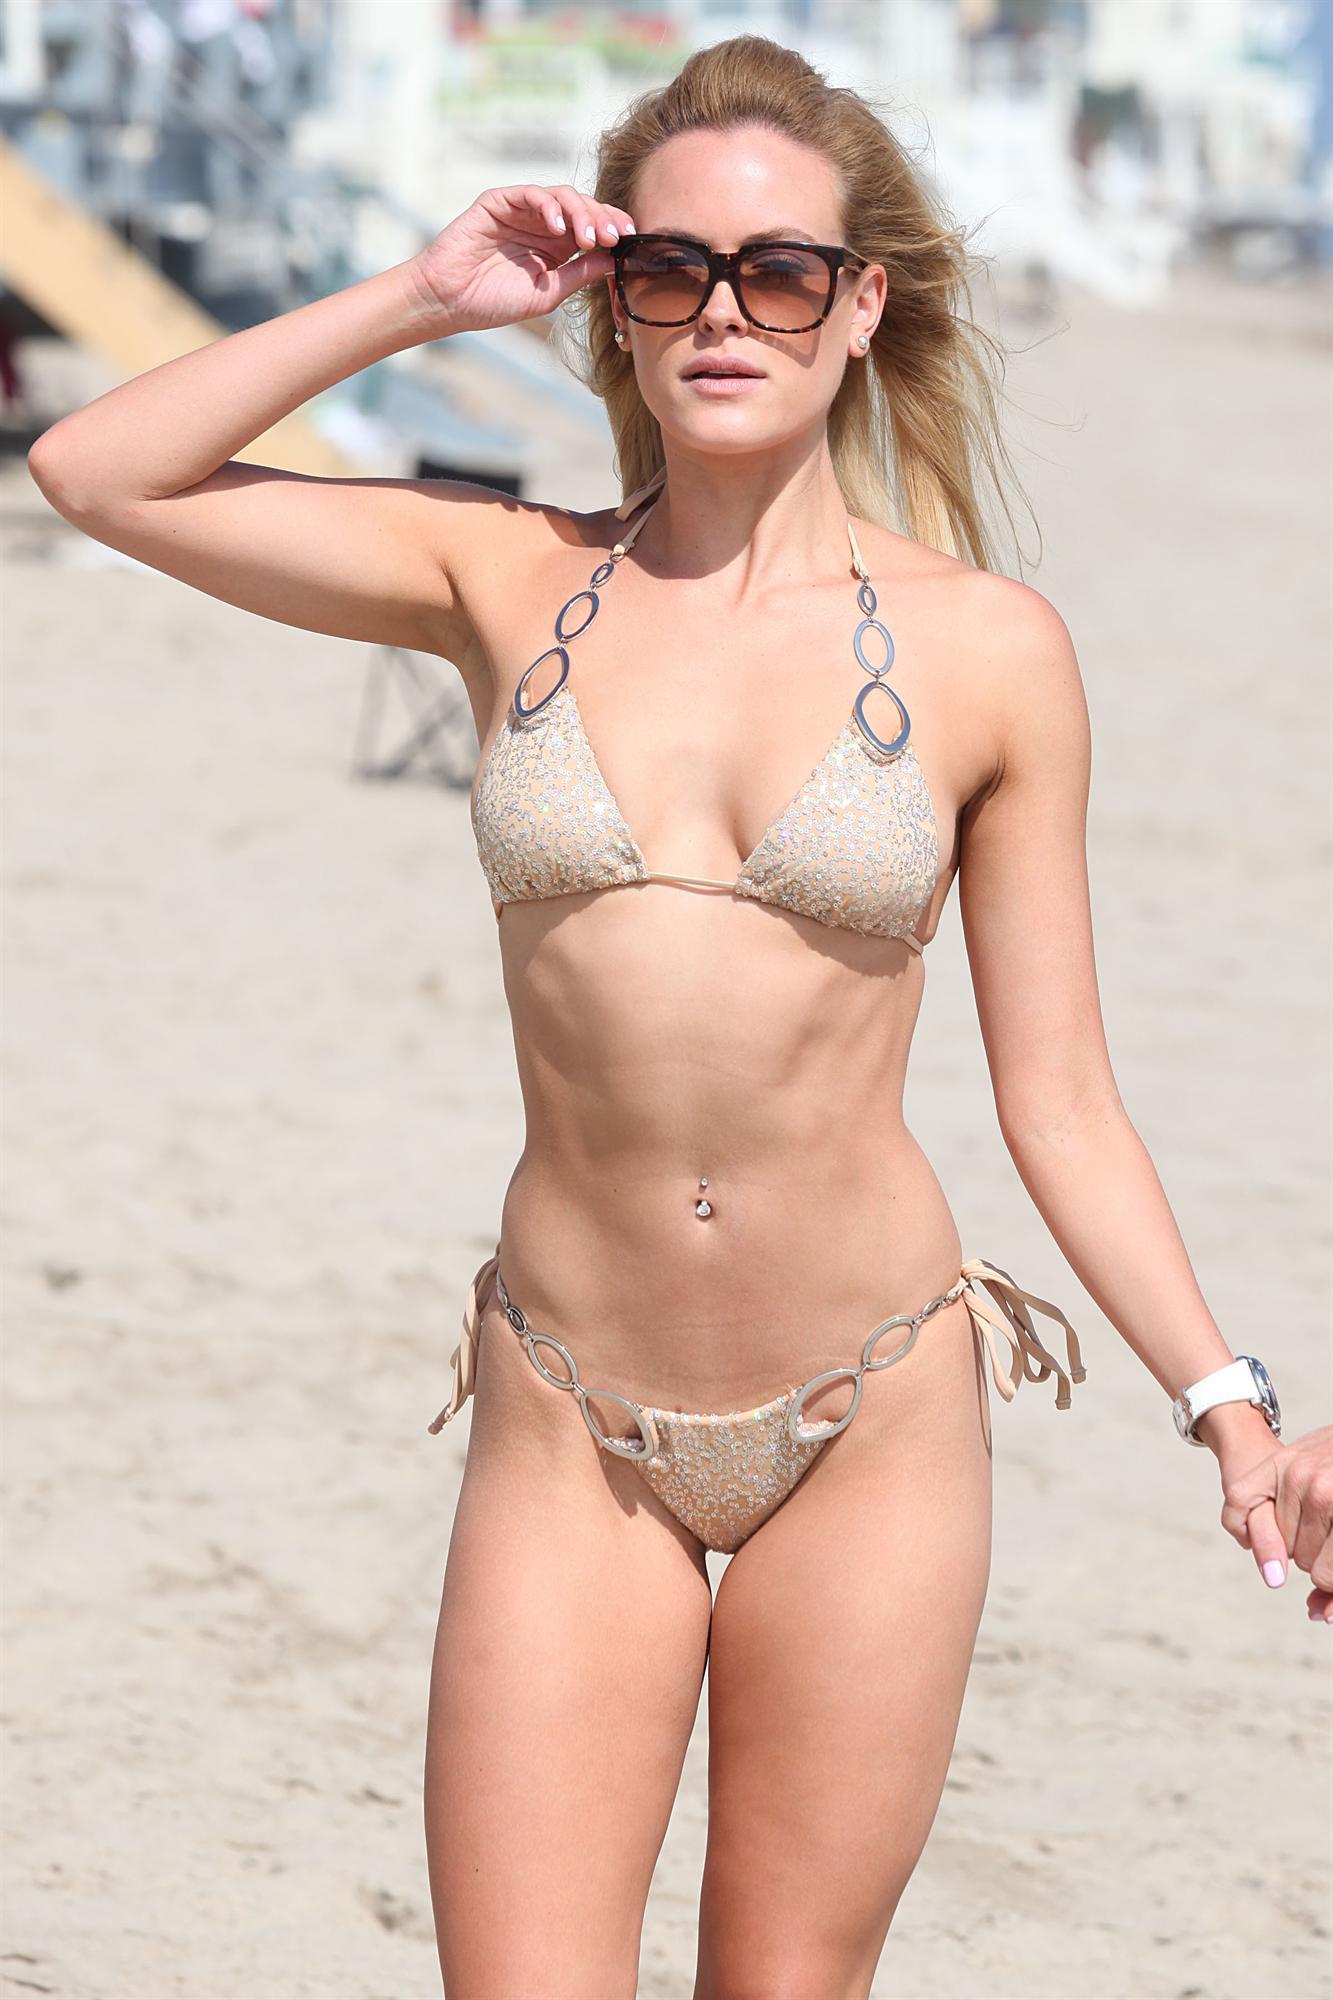 Peta Murgatroyd in a bikini